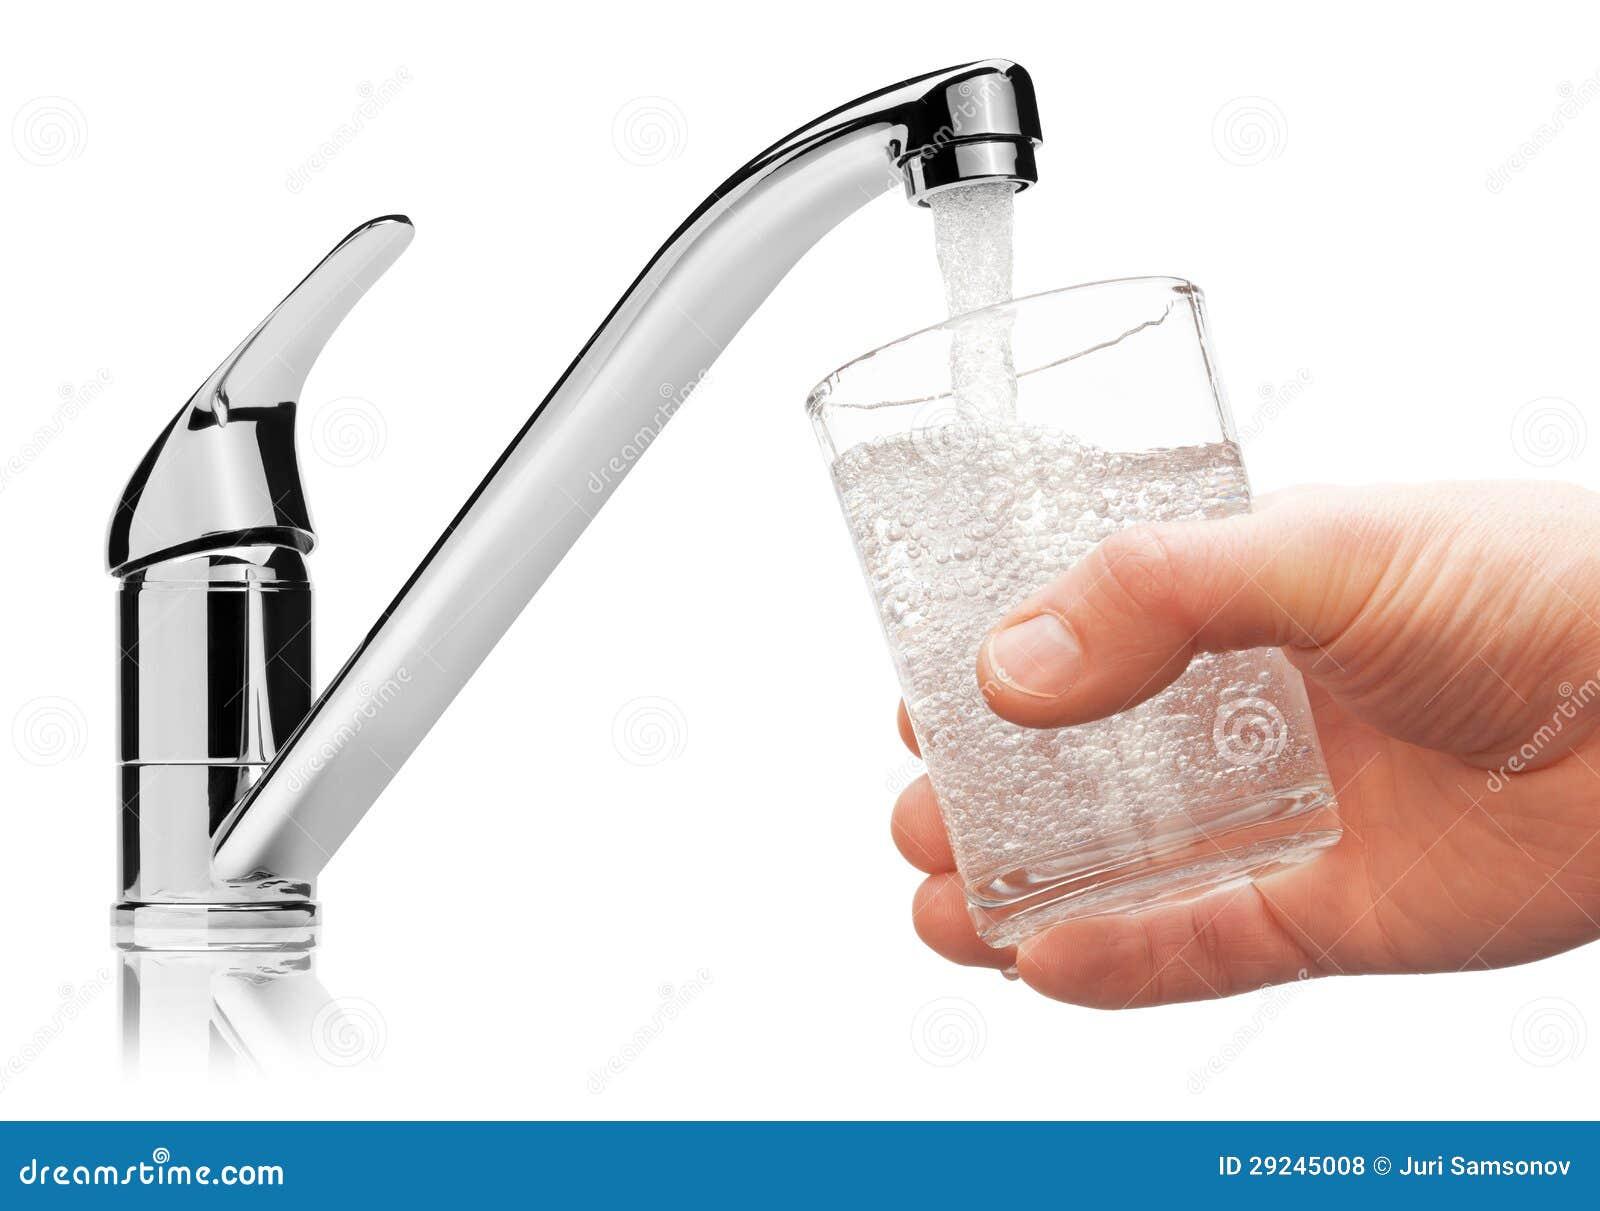 Glas met drinkwater van kraan wordt gevuld die.